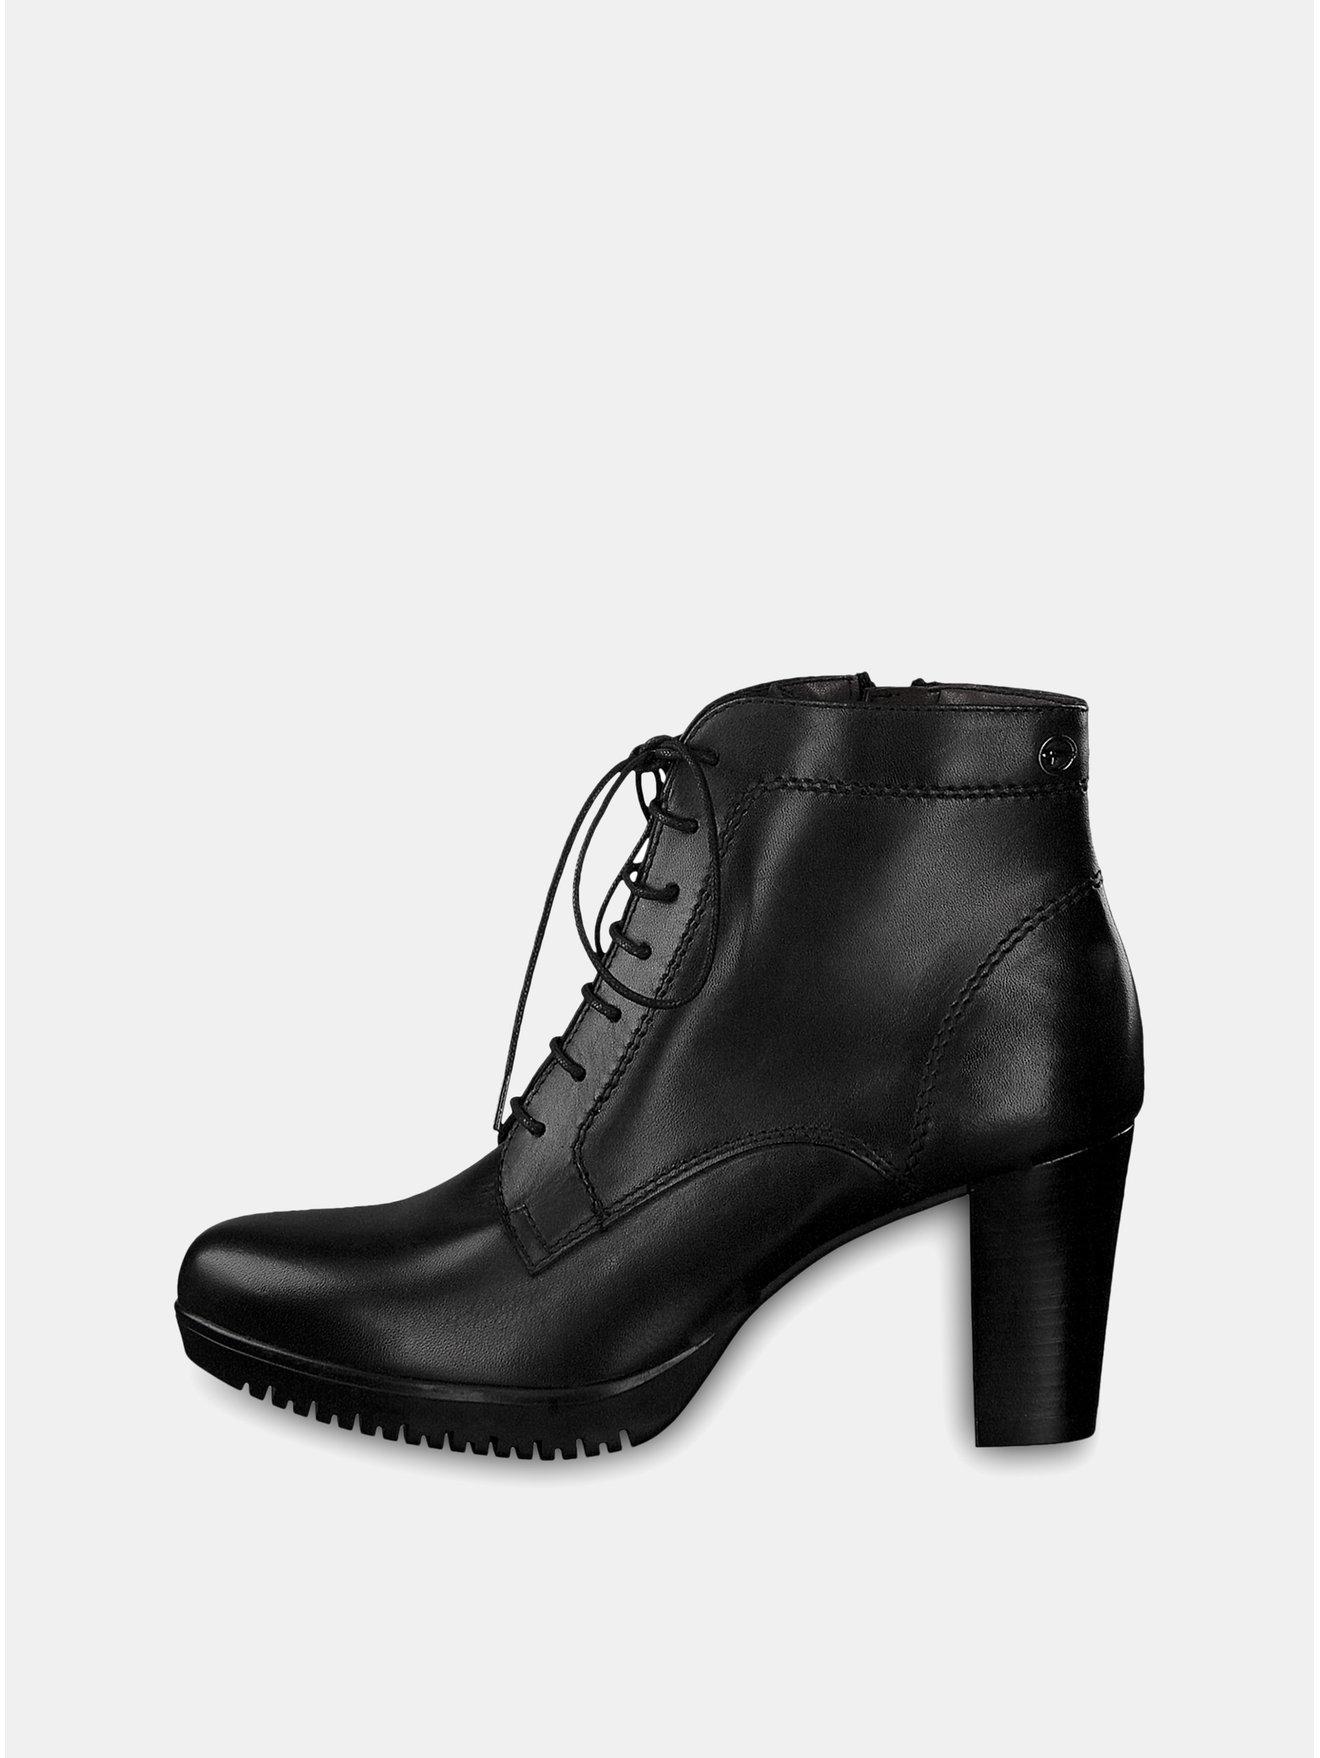 Černé kožené kotníkové boty na vysokém podpatku se šněrováním Tamaris